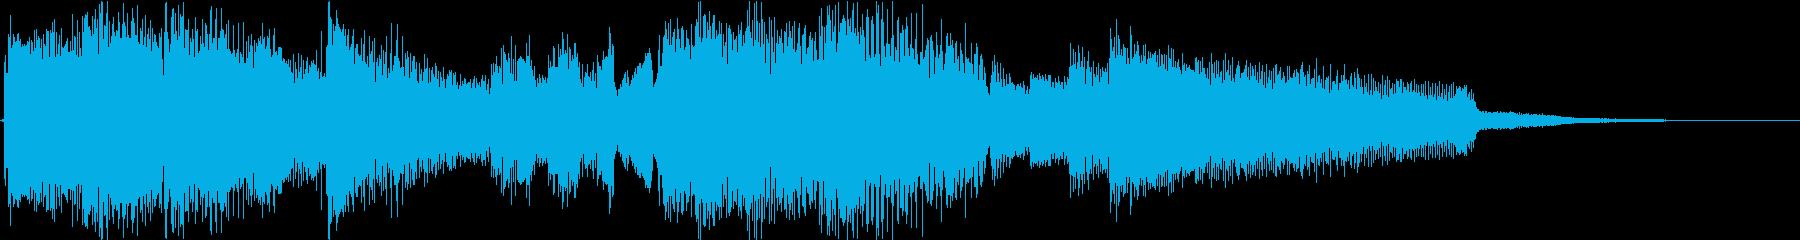 ほのぼのするギタージングル3の再生済みの波形